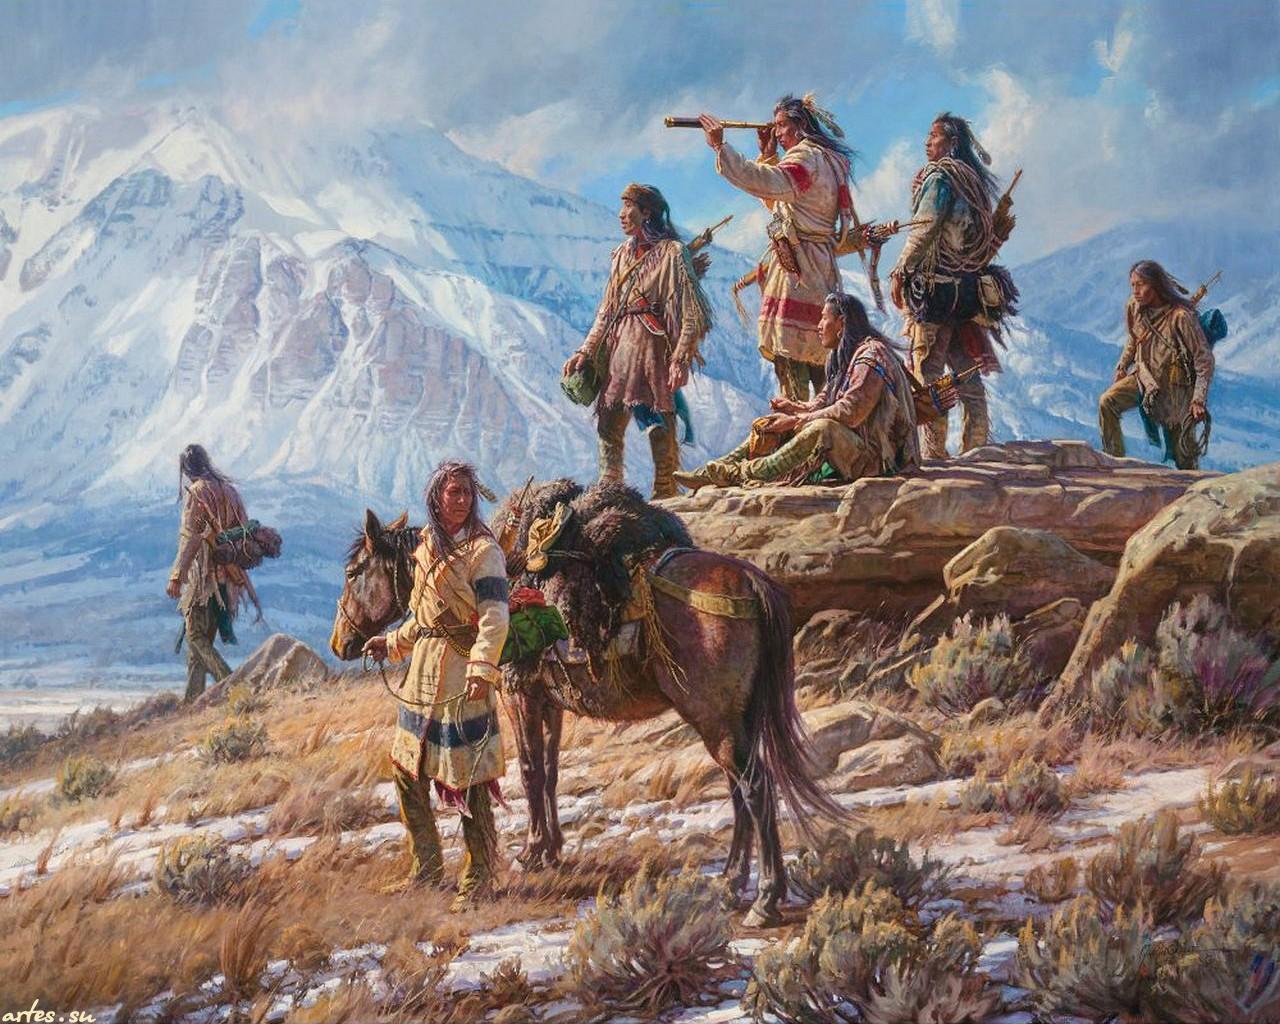 47 American Indian Wallpapers For Desktop On Wallpapersafari